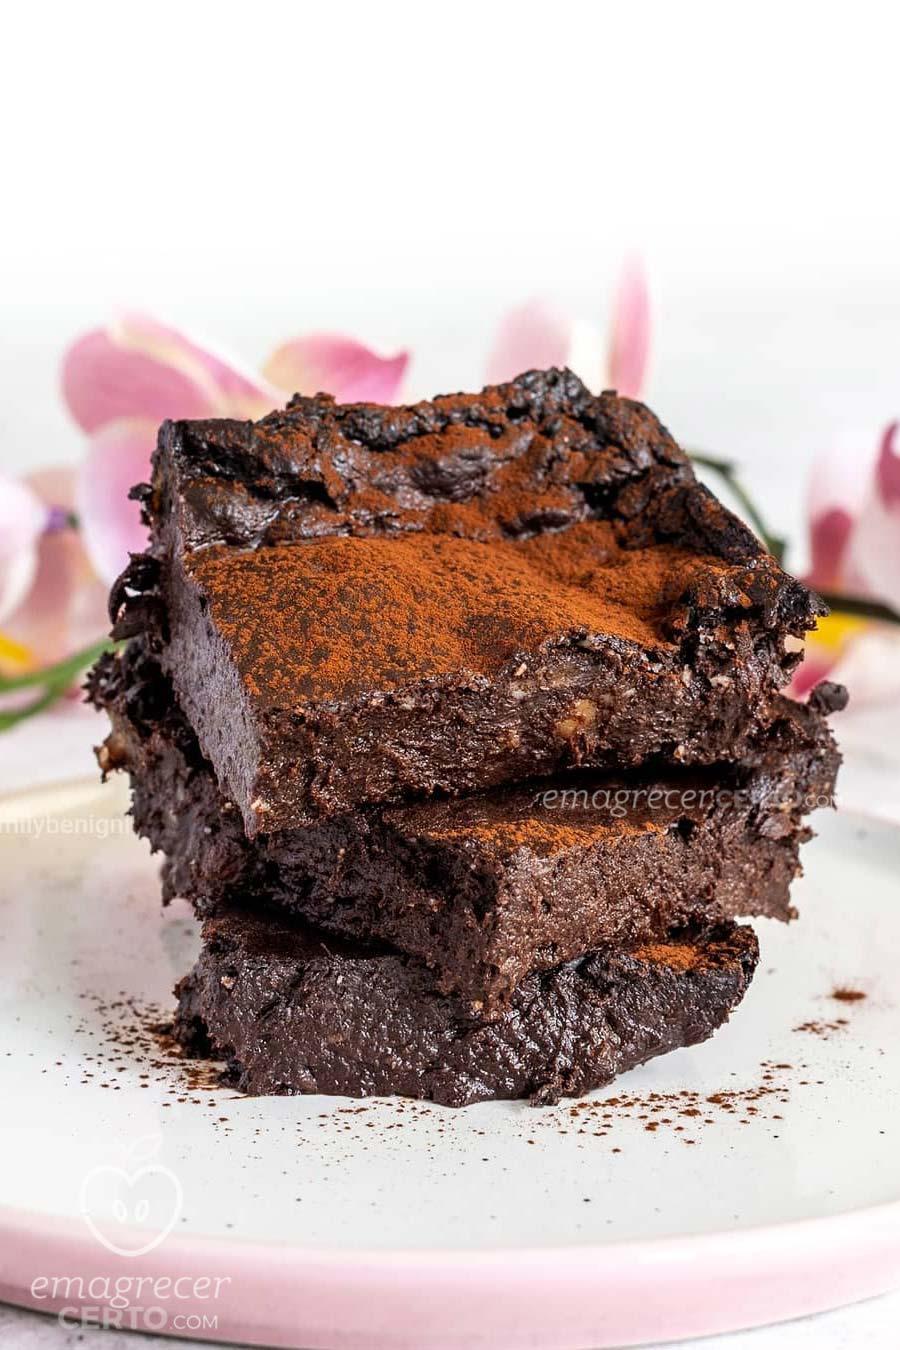 Brownir Fit com 4 ingredientes e sem farinha - Blog Emagrecer Certo